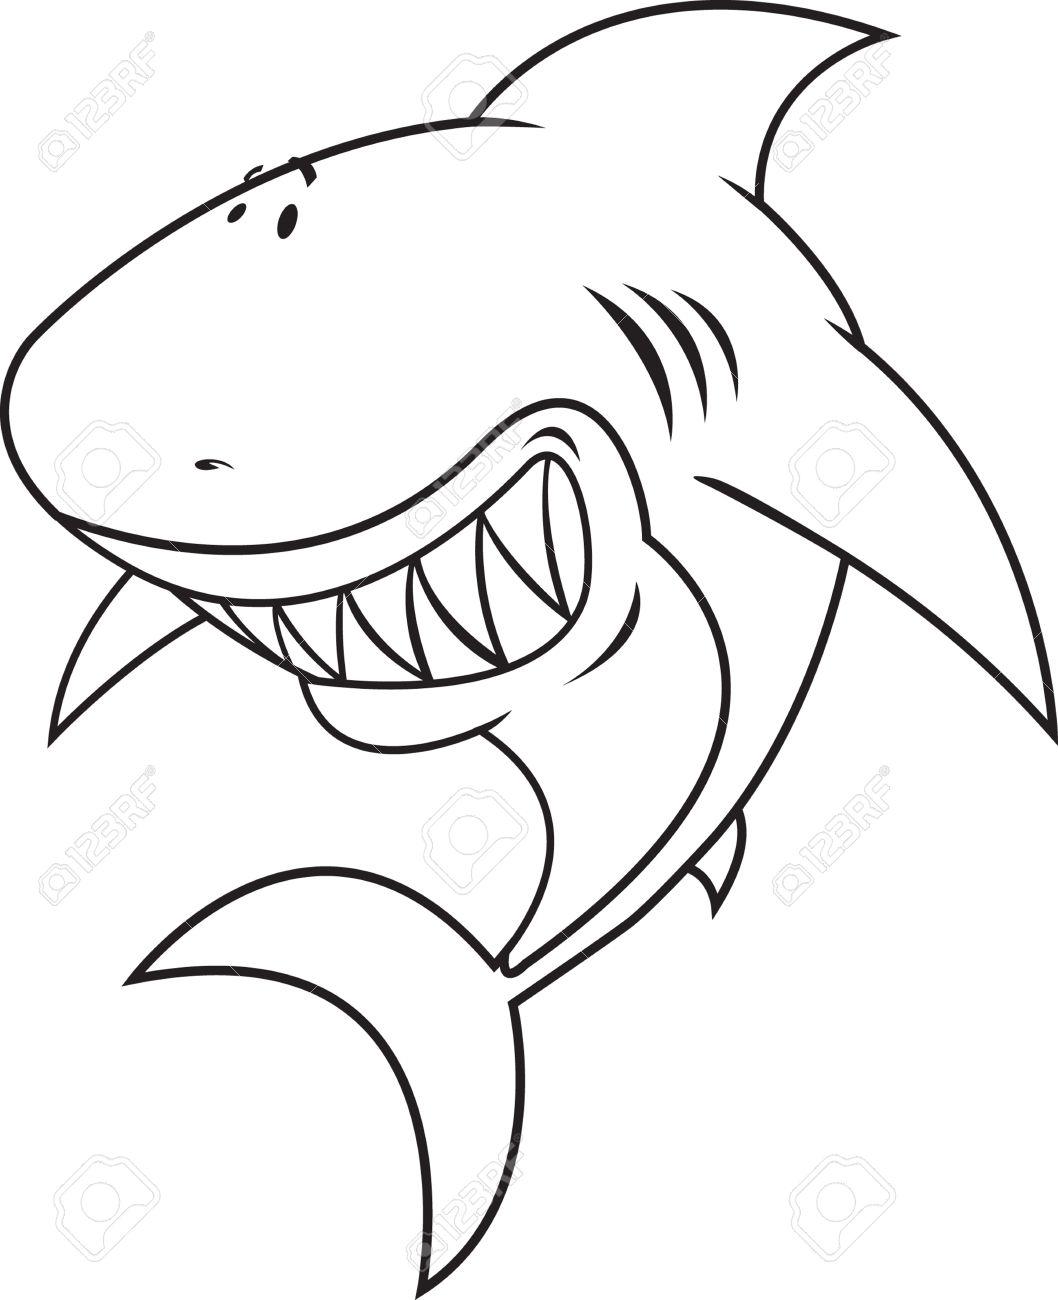 Gran Tiburón Blanco Libro Para Colorear Ilustración